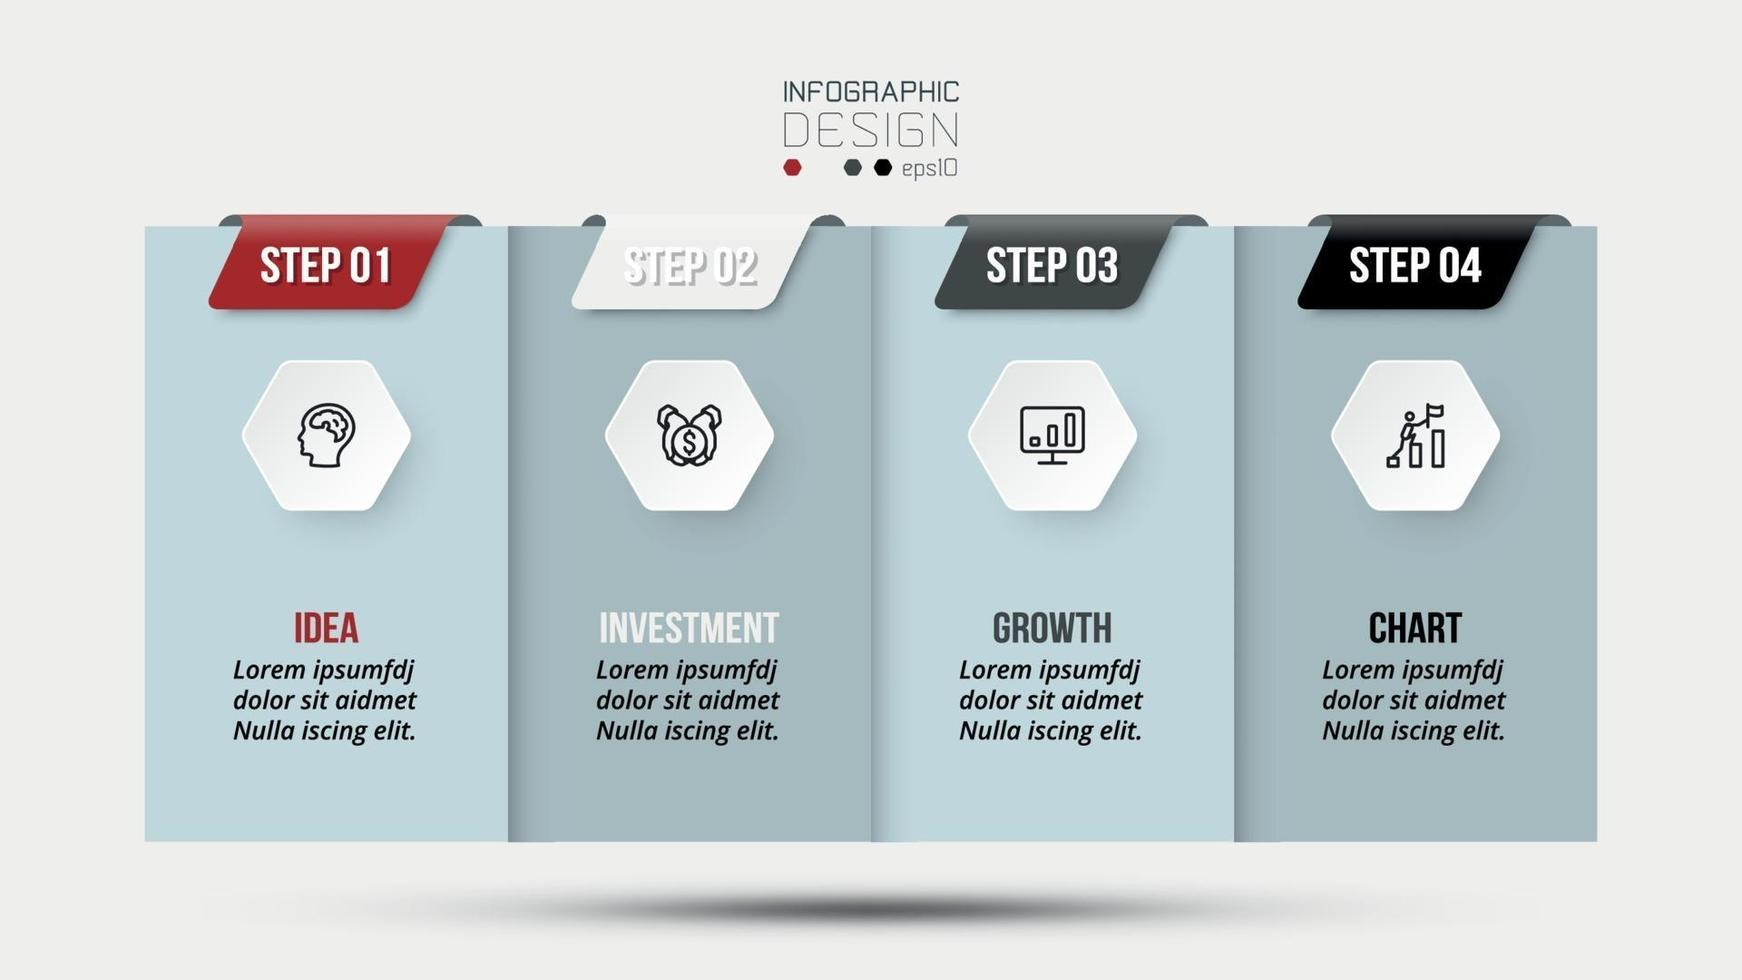 conception de modèle infographique de concept d & # 39; entreprise. vecteur